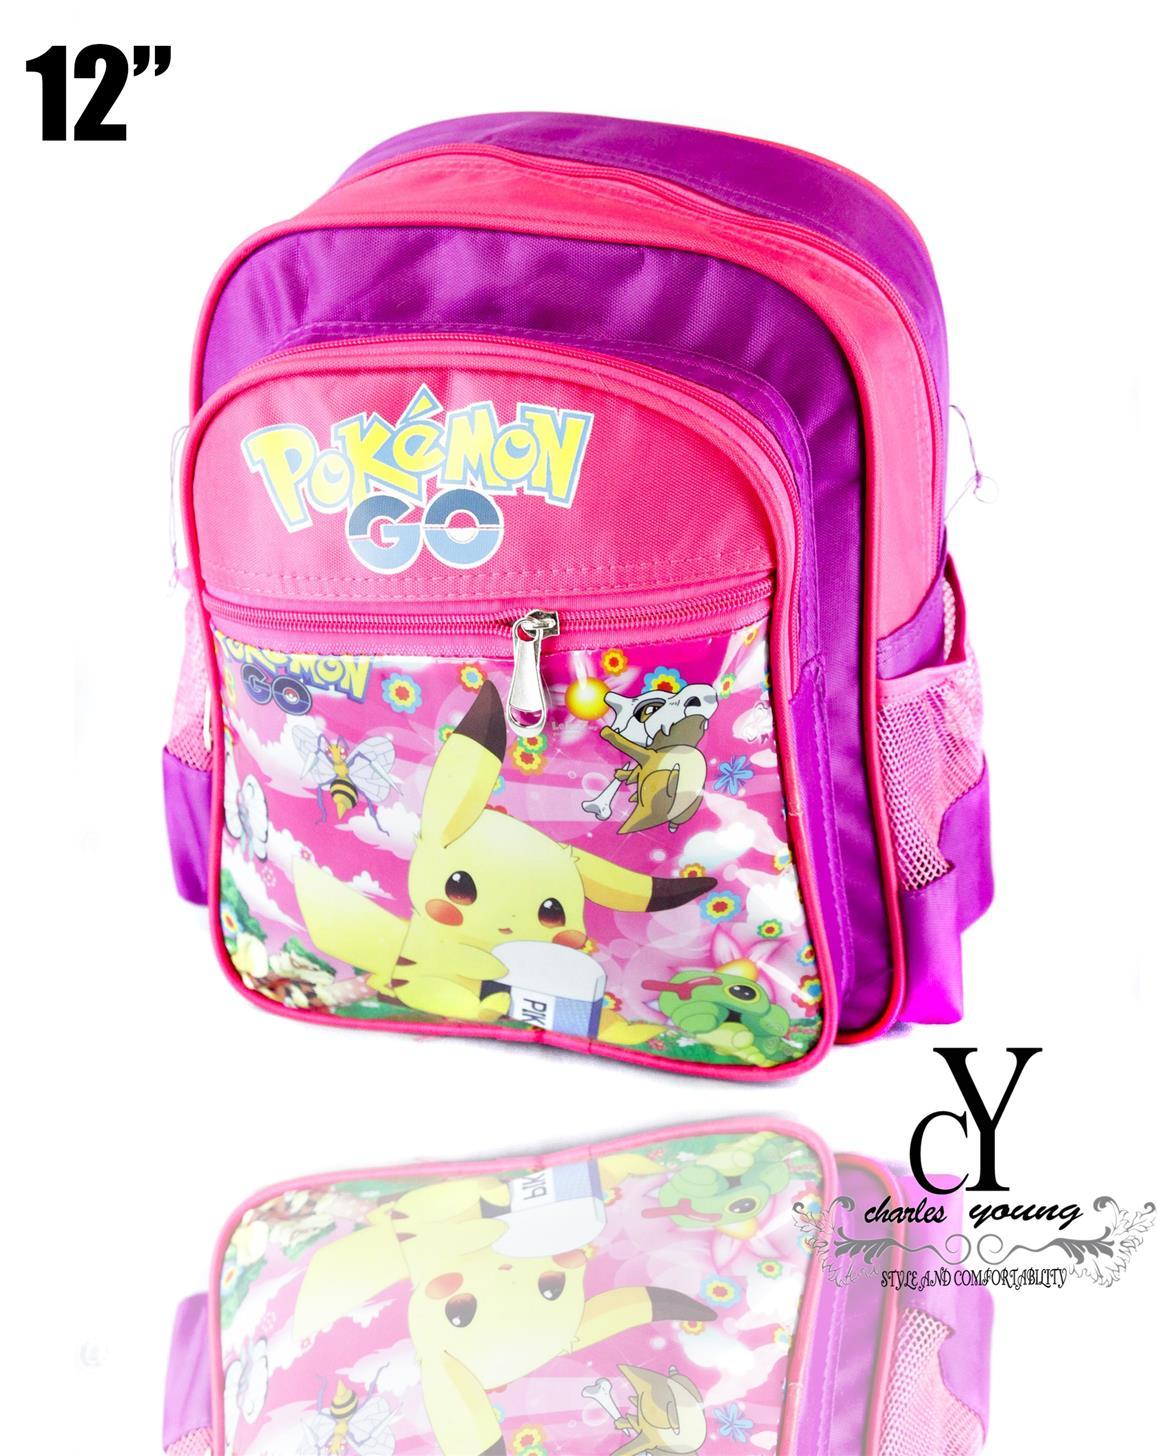 Schoolbagsekolahcartoondisneyp End 12 1 2018 1115 Pm Luggage Tag Pikachu Schoolbagsekolahcartoondisneypokemonpikachu2